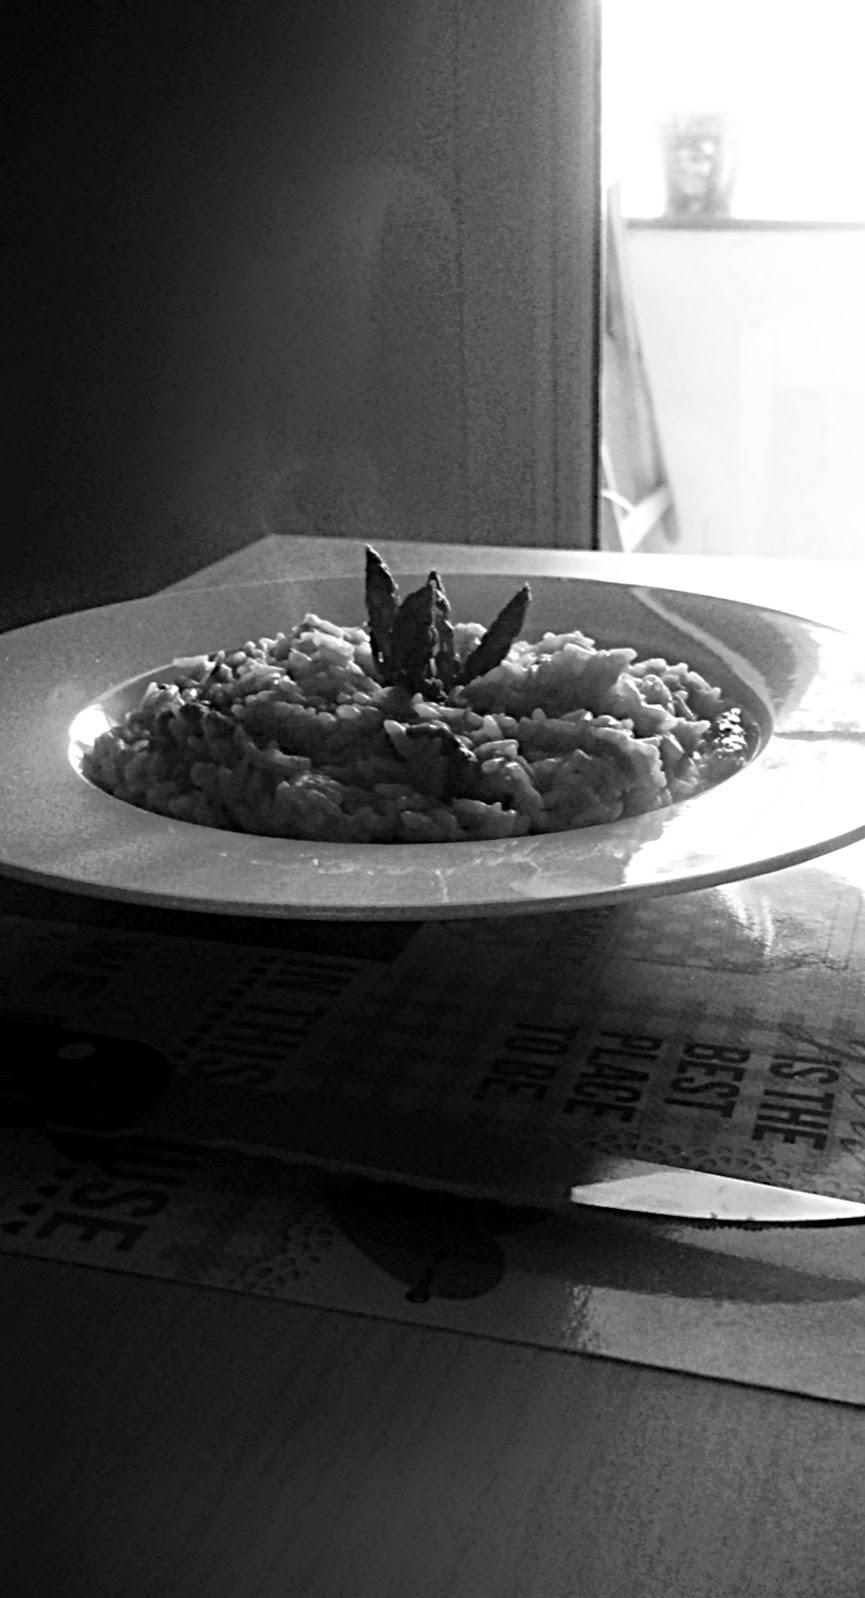 Risotto de ibéricos y trigueros al limón blanco y negro